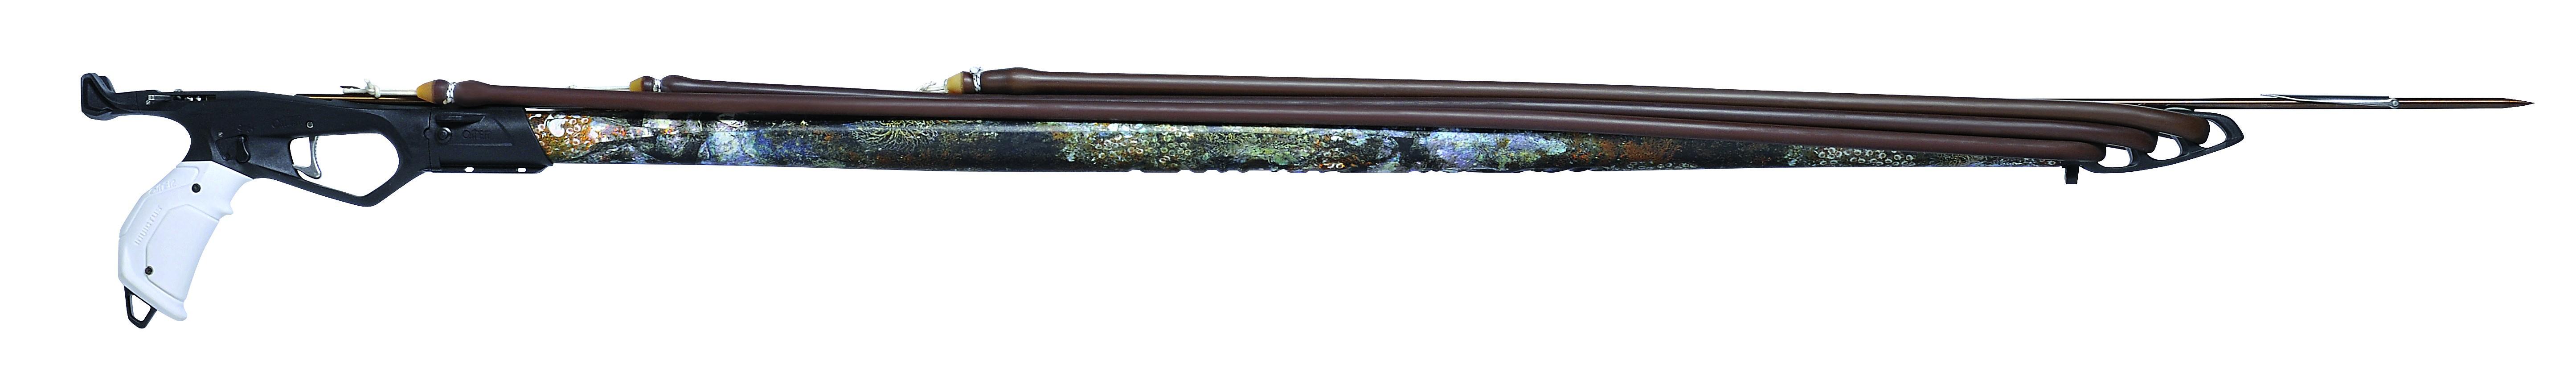 Fusil Omer Invictus HF Mimetique 75 cm